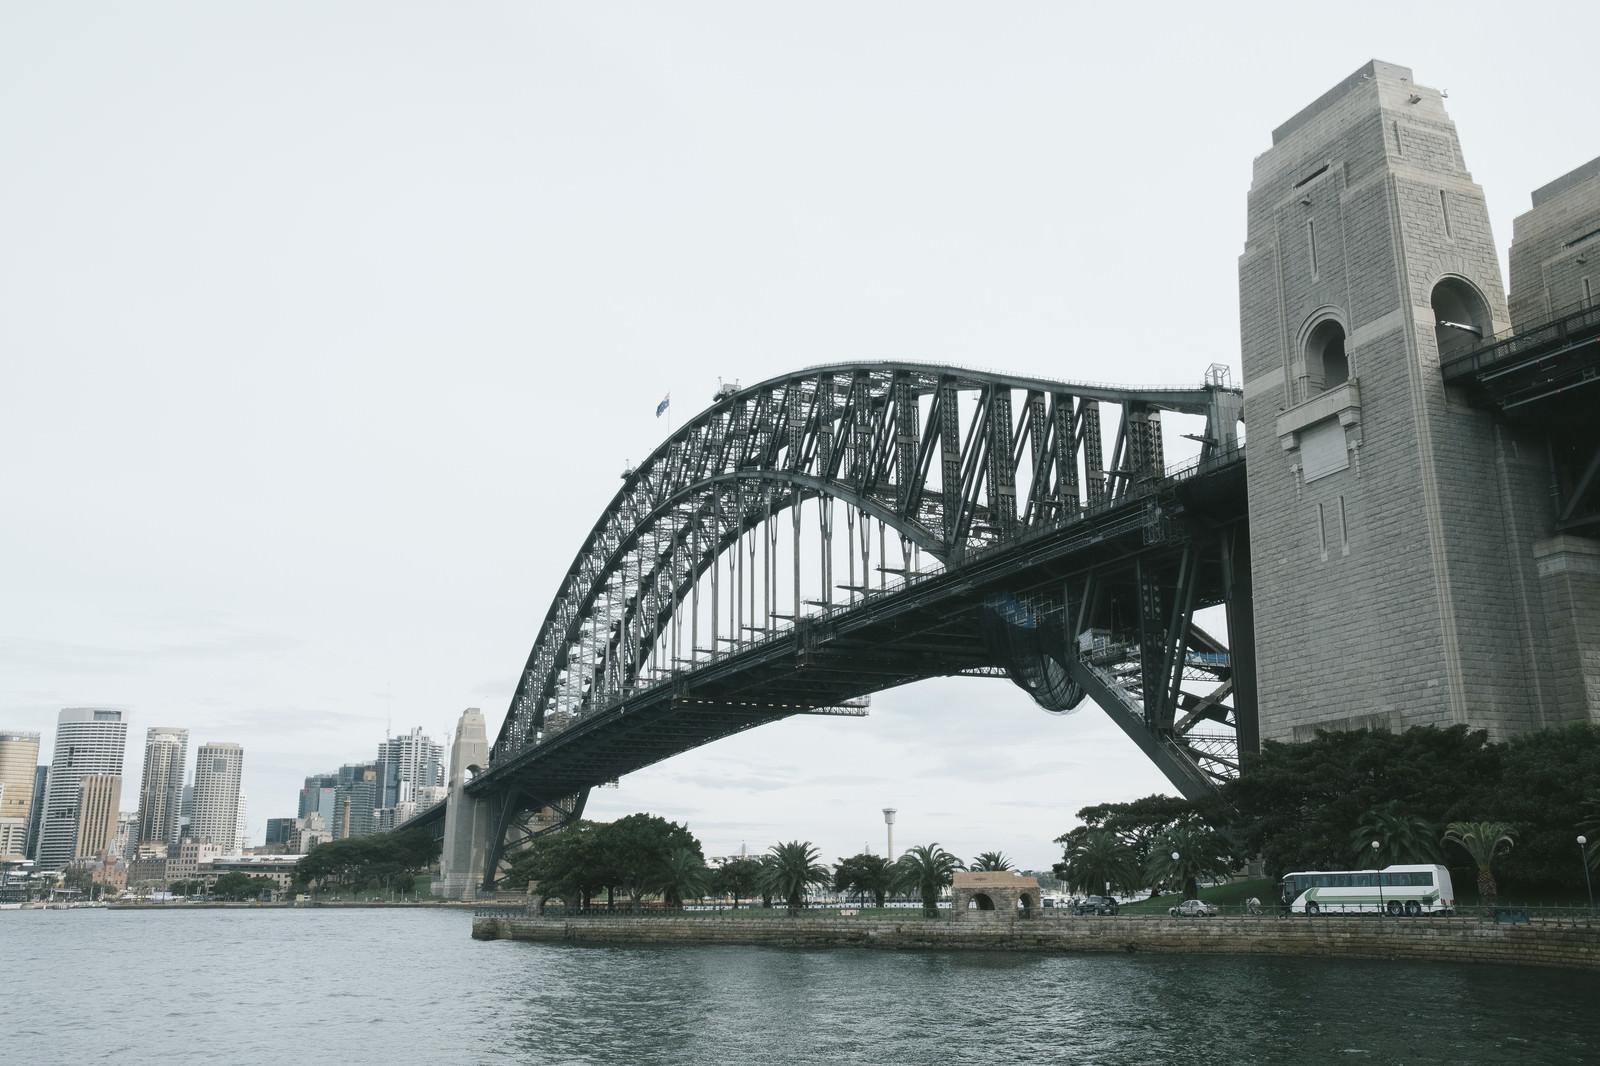 「ハーバーブリッジ(シドニー)」の写真